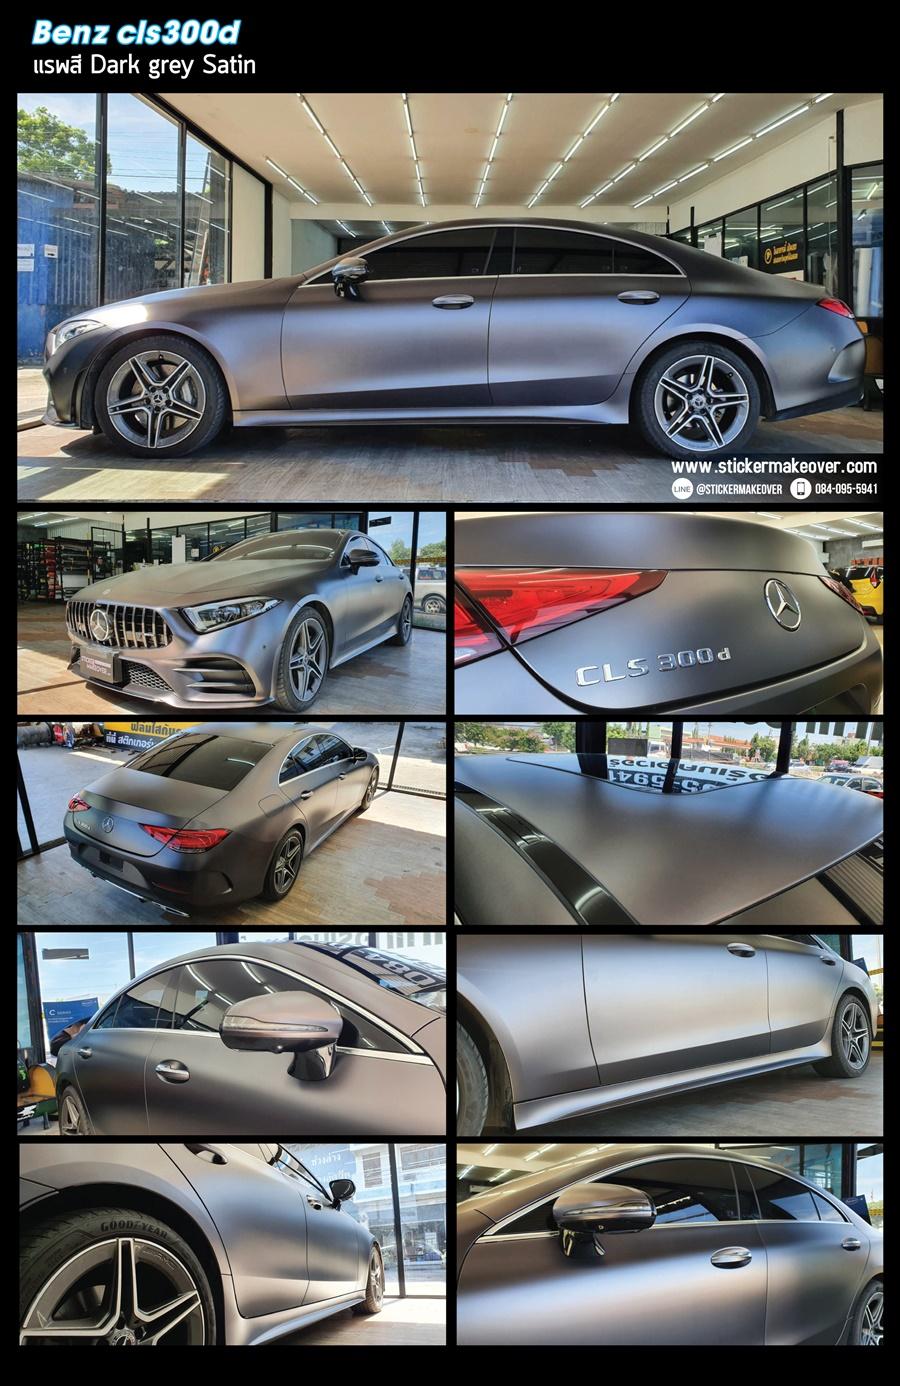 สติกเกอร์สีDark grey Satin หุ้มเปลี่ยนสีBenz cla300d หุ้มเปลี่ยนสีรถด้วยสติกเกอร์ wrap car  แรพเปลี่ยนสีรถ แรพสติกเกอร์สีรถ เปลี่ยนสีรถด้วยฟิล์ม หุ้มสติกเกอร์เปลี่ยนสีรถ wrapเปลี่ยนสีรถ ติดสติกเกอร์รถ ร้านสติกเกอร์แถวนนทบุรี หุ้มเปลี่ยนสีรถราคาไม่แพง สติกเกอร์ติดรถทั้งคัน ฟิล์มติดสีรถ สติกเกอร์หุ้มเปลี่ยนสีรถ3M  สติกเกอร์เปลี่ยนสีรถ oracal สติกเกอร์เปลี่ยนสีรถเทาซาติน